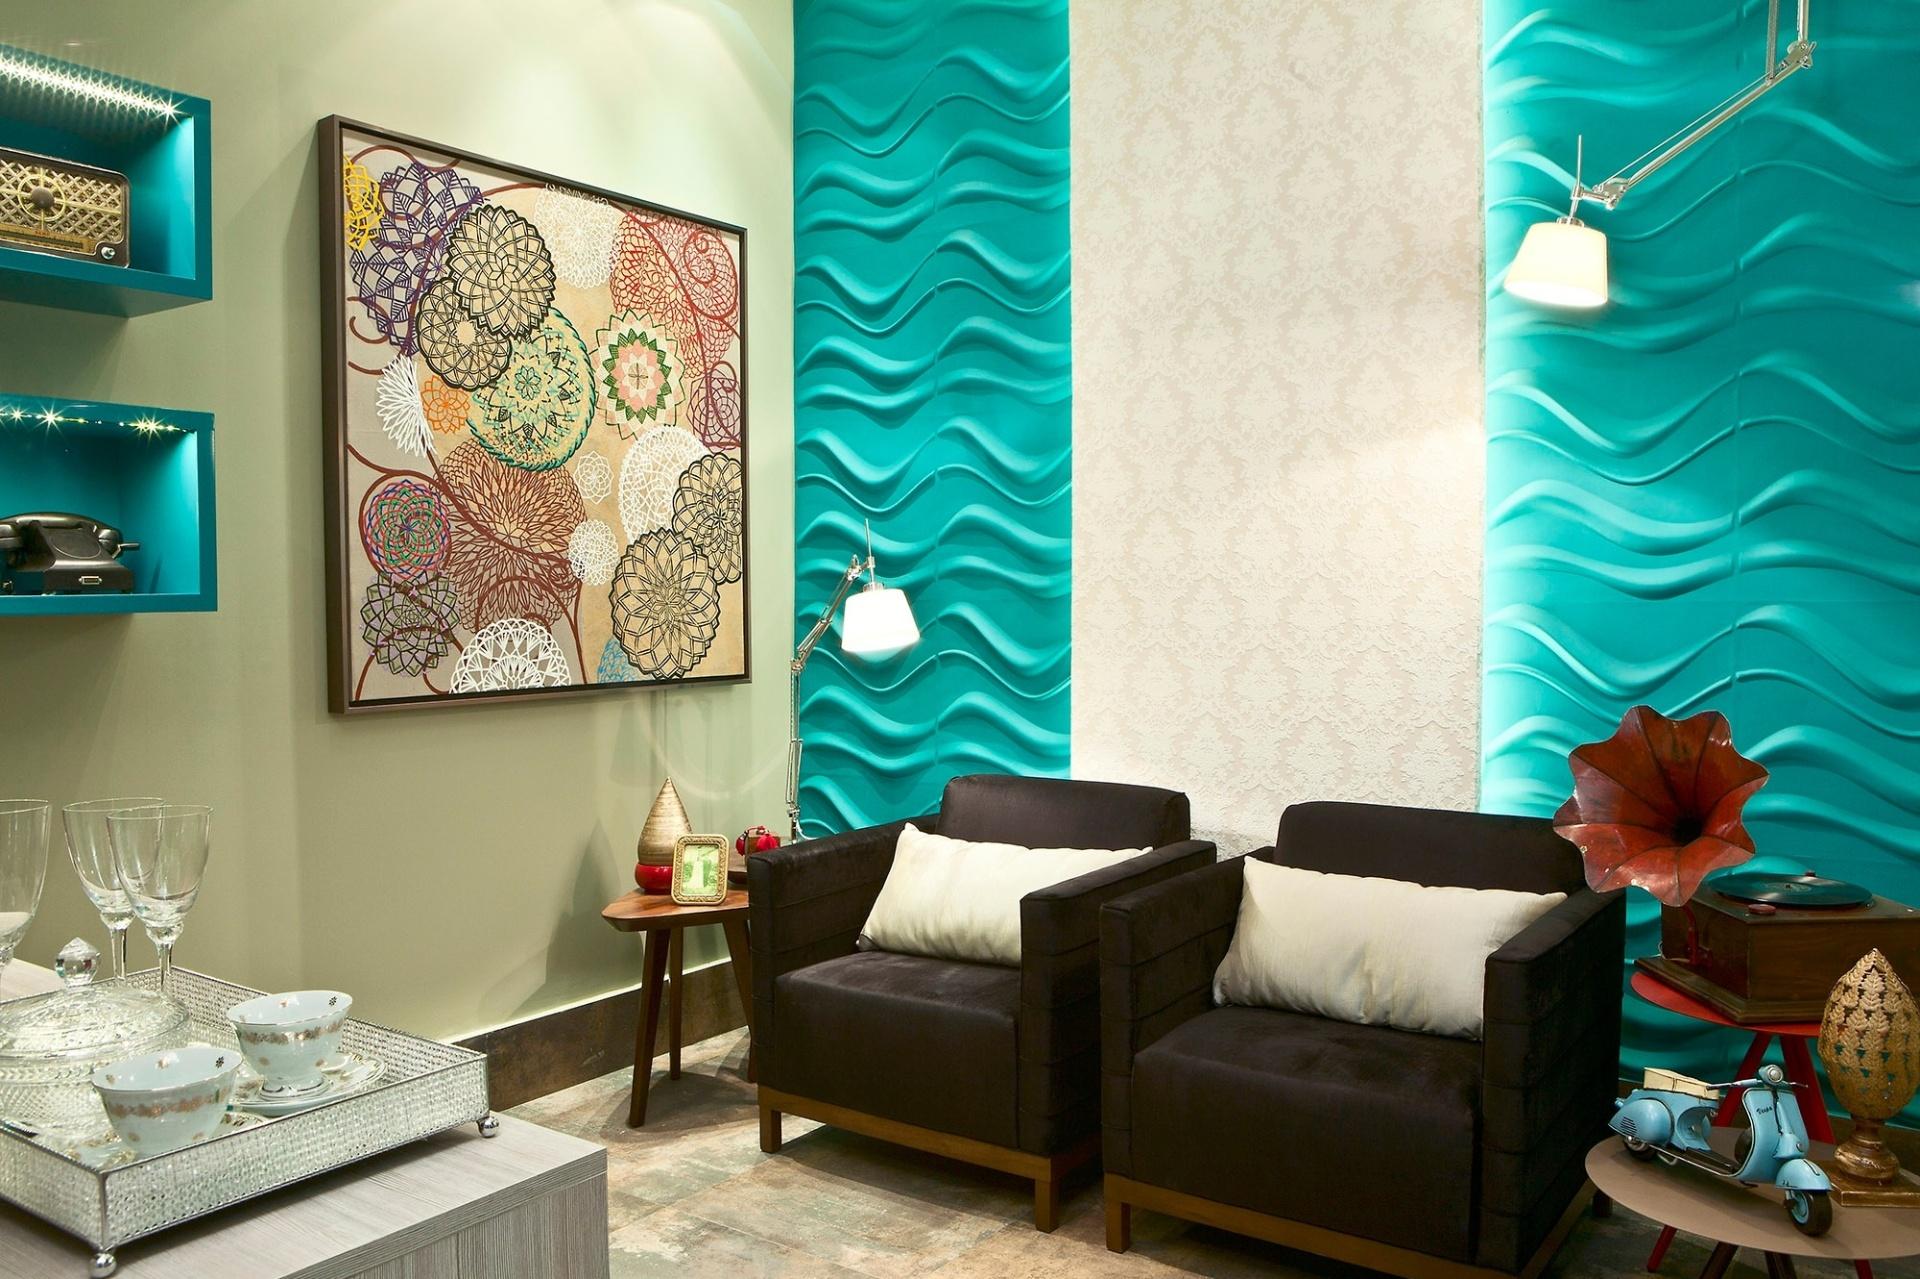 Casa Cor MT - 2012: na Sala da Melhor Idade, criada pela arquiteta e designer Débora Silva, o revestimento 3D Board (em ondas) é combinado ao padrão rendado